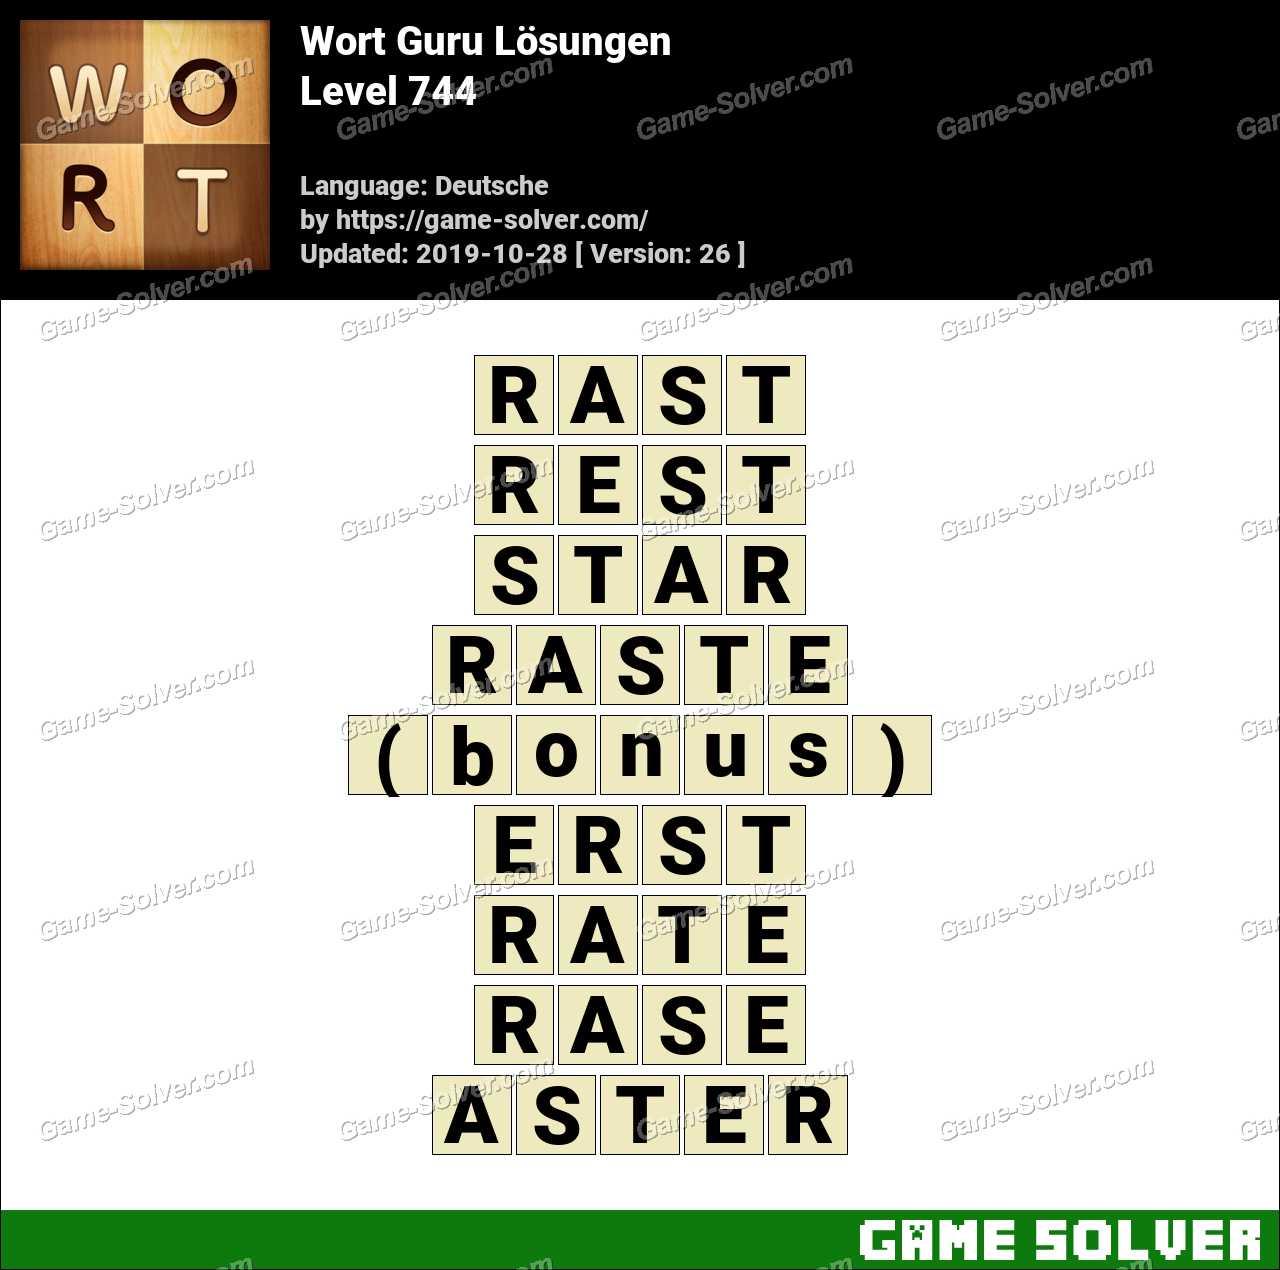 Wort Guru Level 744 Lösungen